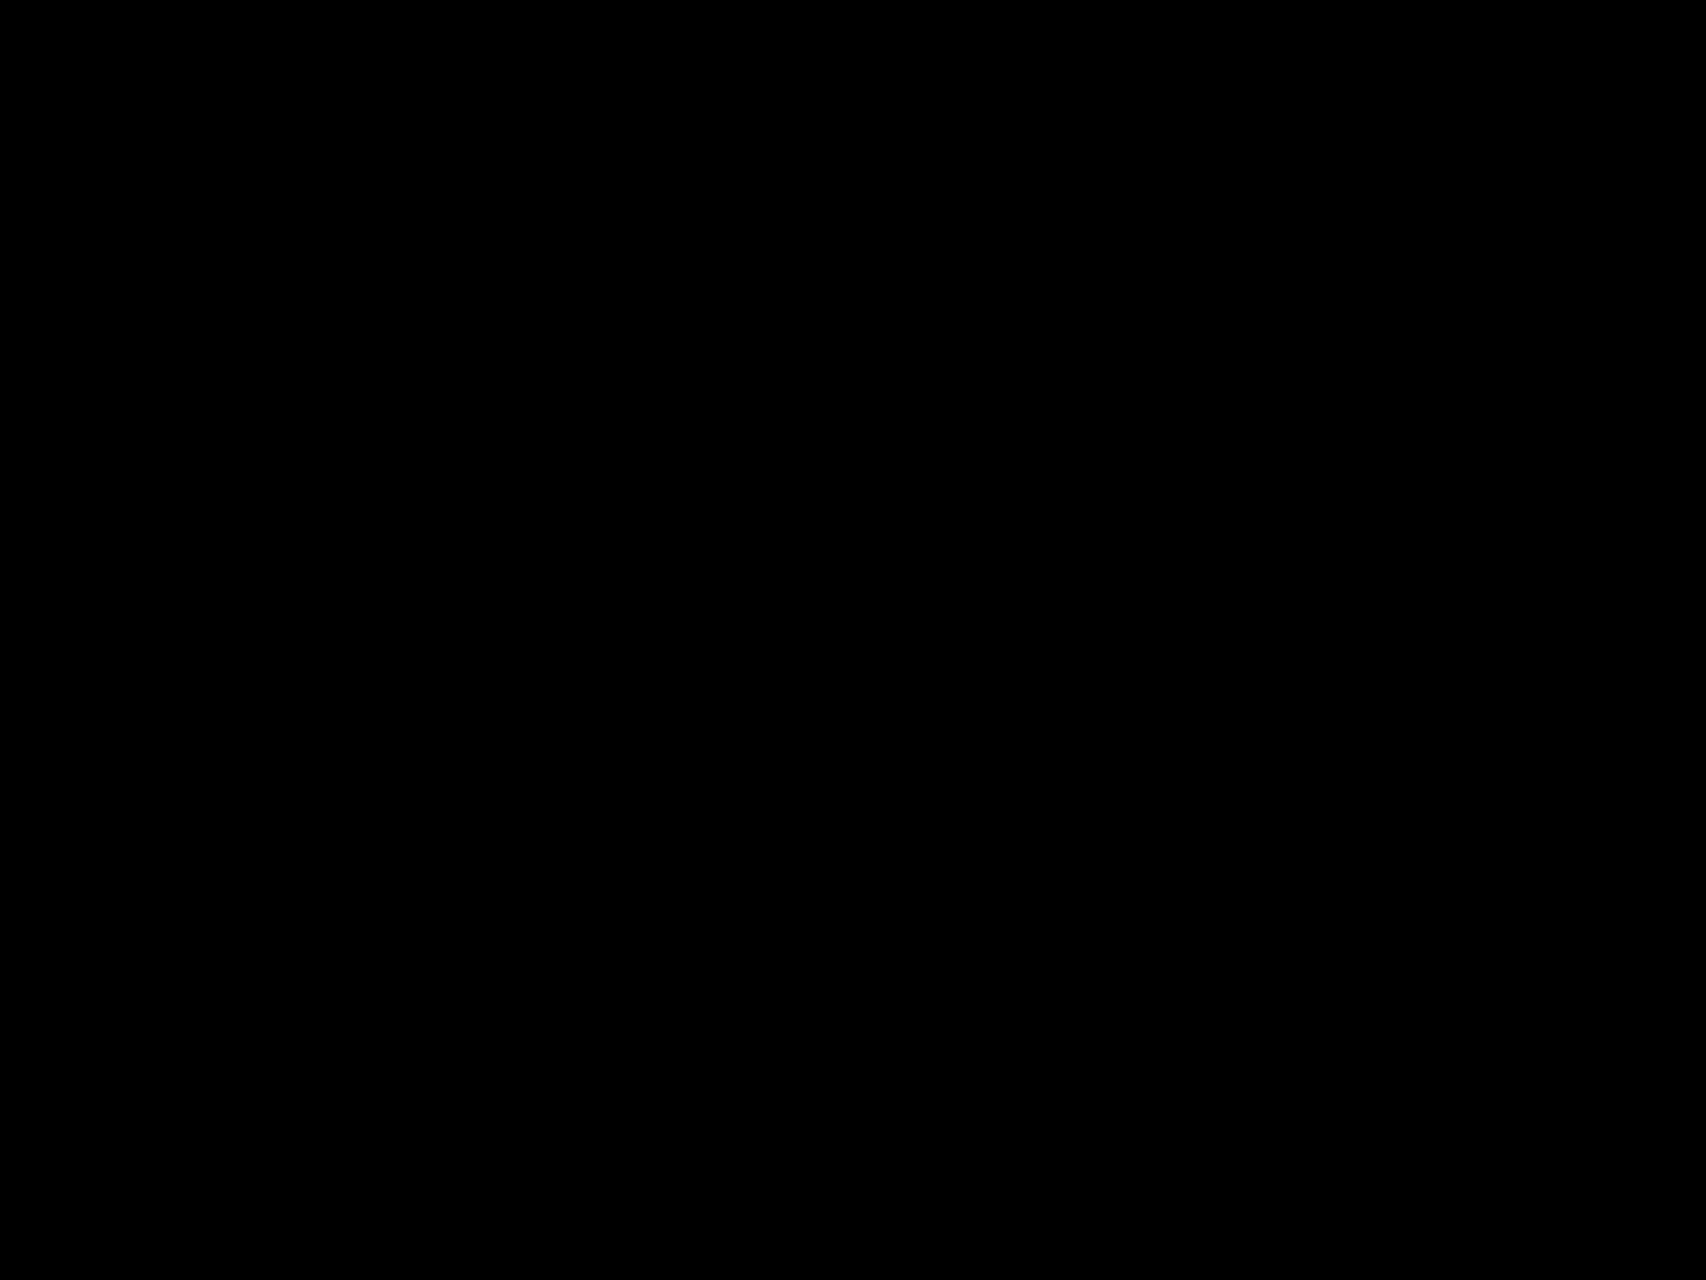 12277_03.jpg